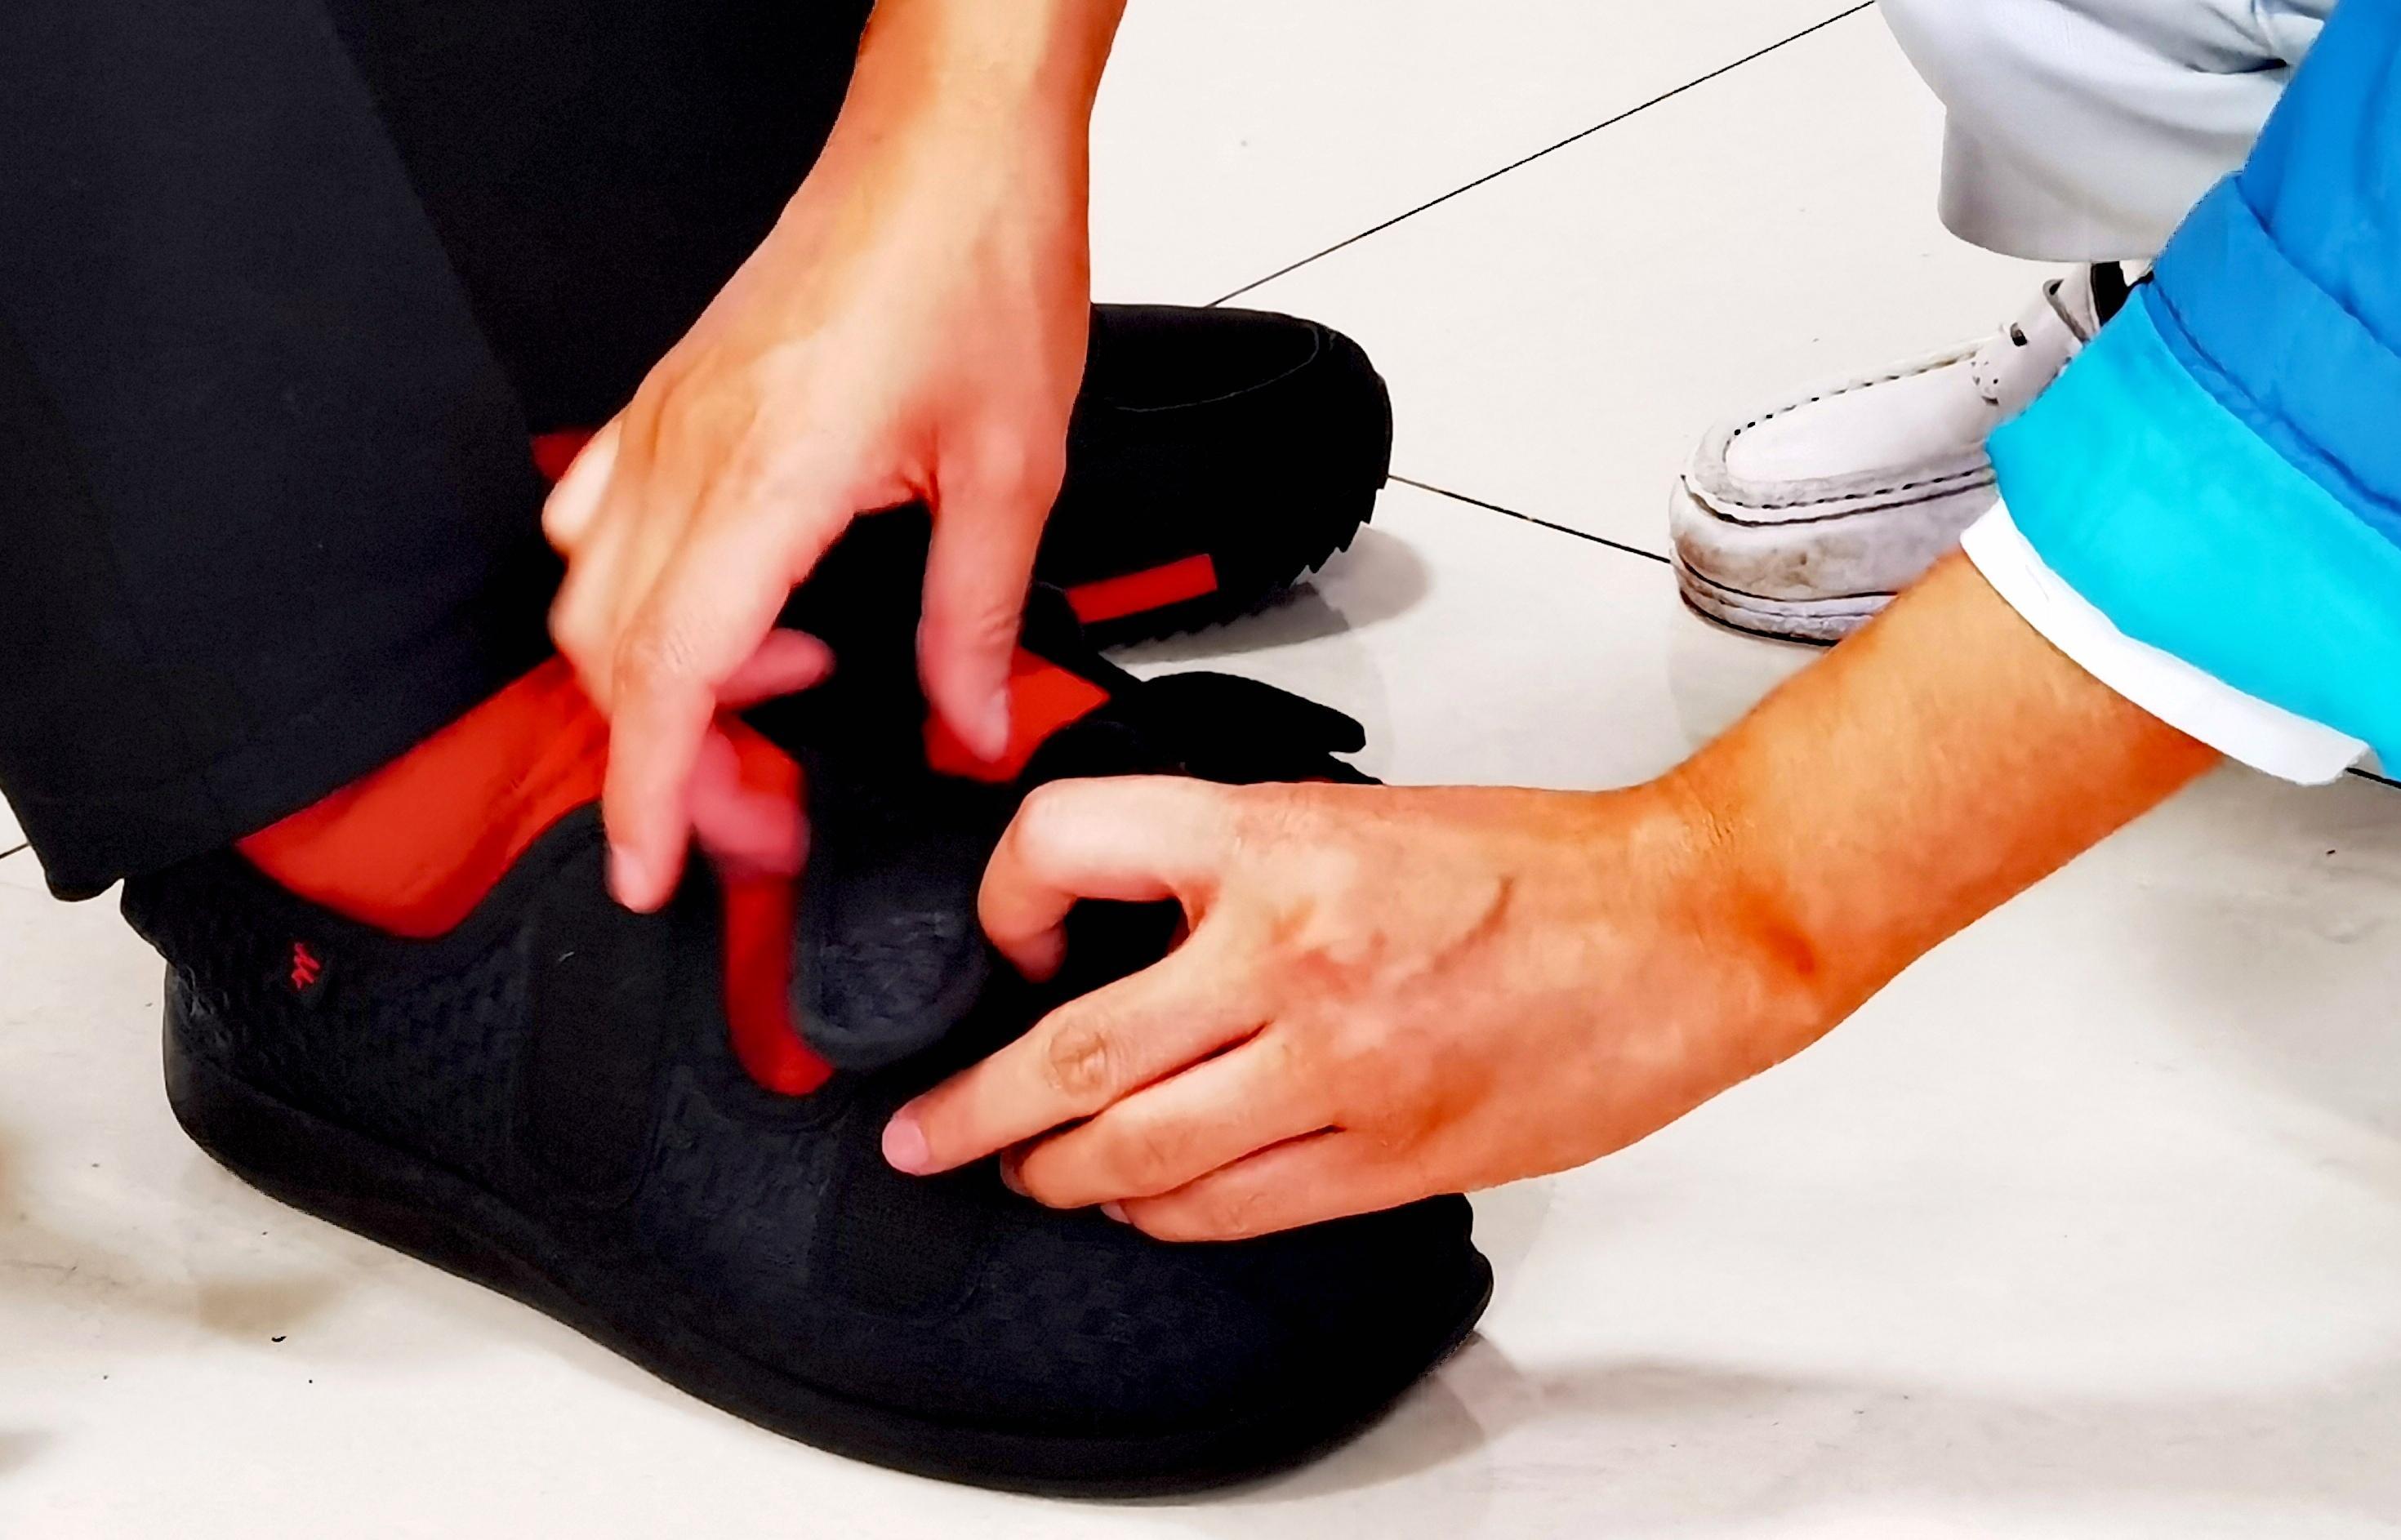 鞋垫也能预警老人跌倒,新桥医院护理团队获创新发明奖